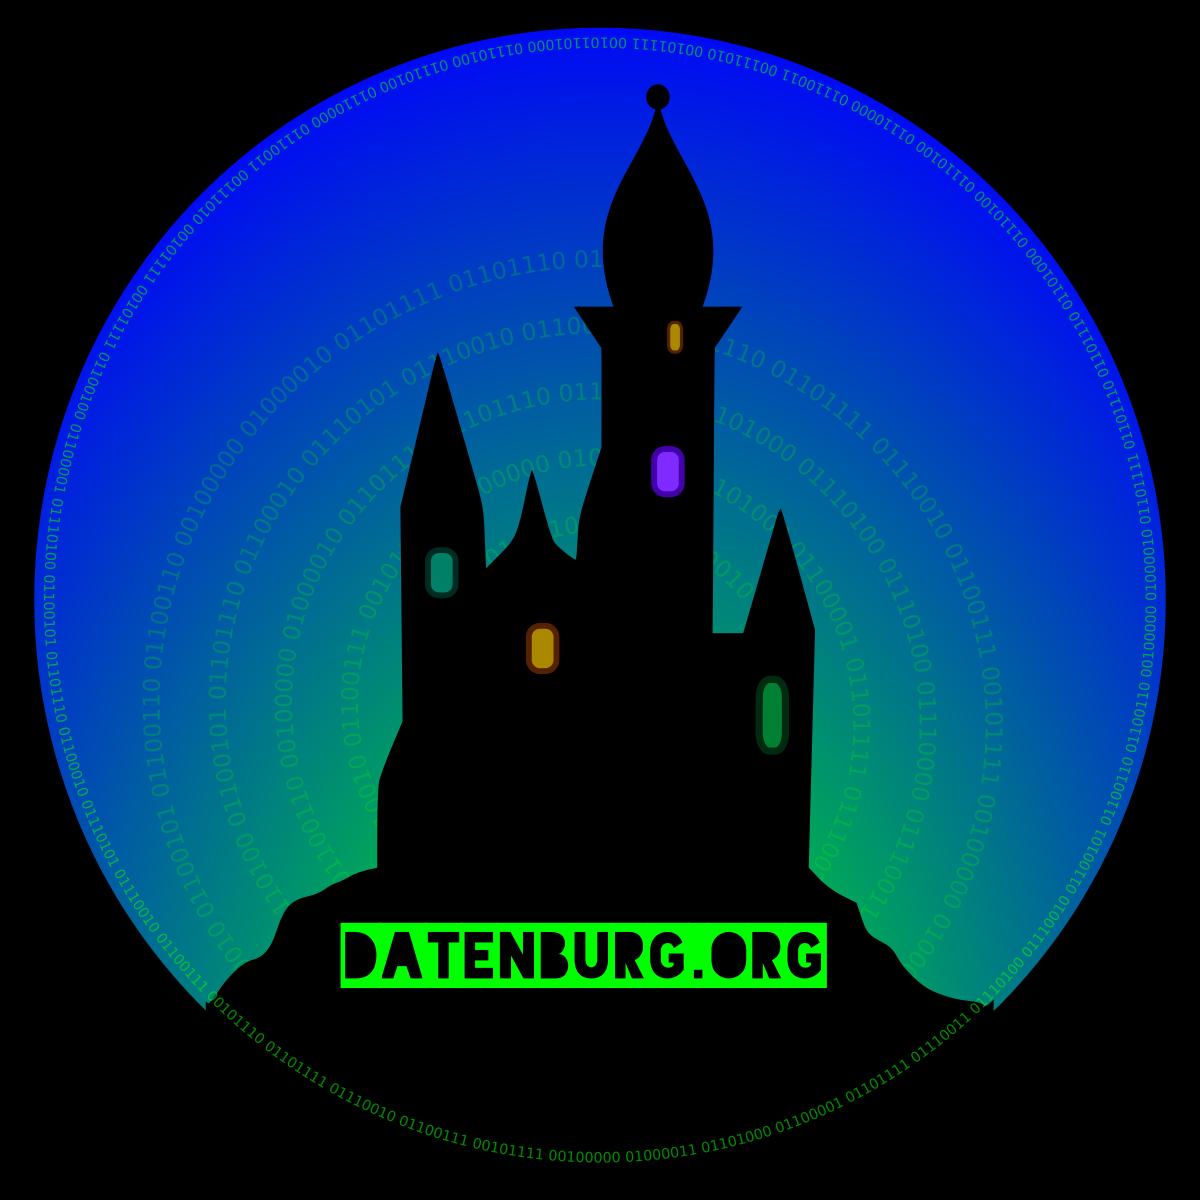 Datenburg